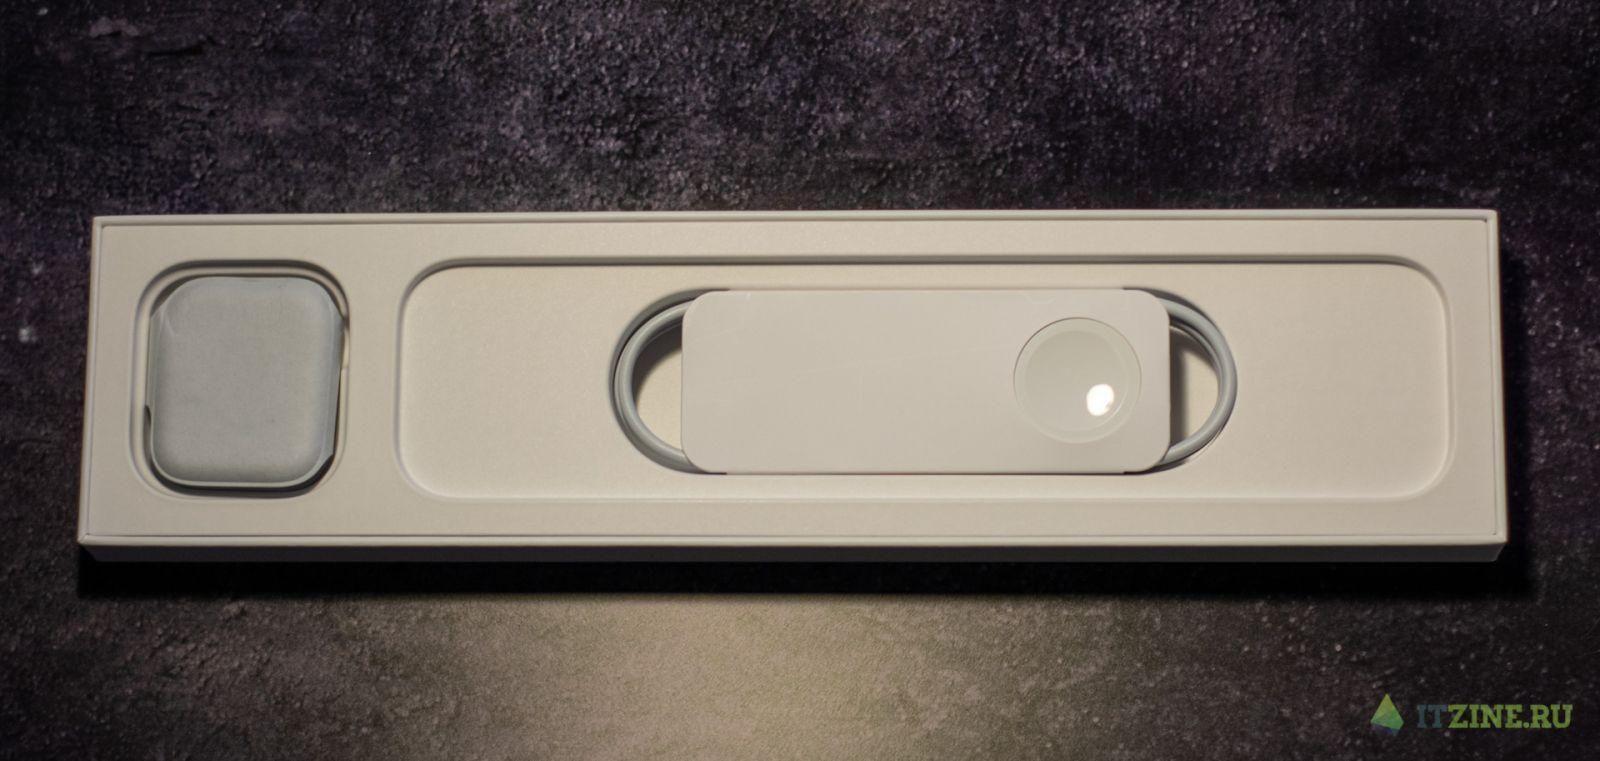 Адаптера в комплекте с Apple Watch series 6 теперь нет